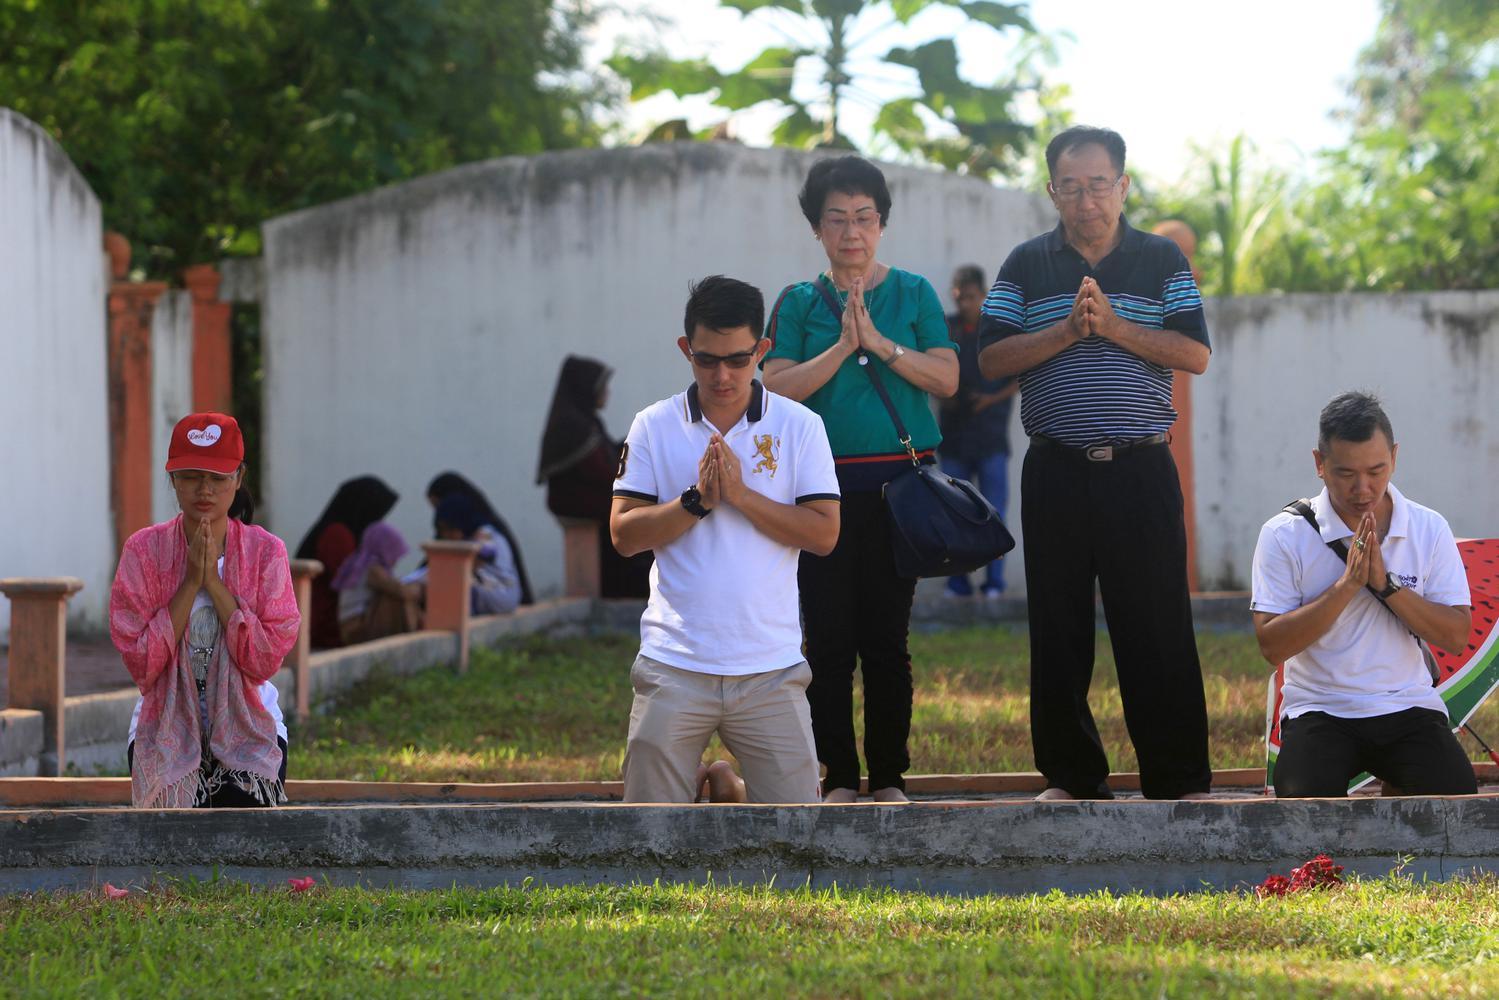 Sejumlah umat muslim bersama warga keturunan Tionghua melaksanakan doa bersama saat berziarah ke kuburan massal korban gempa dan gelombang tsunami di Desa Suak Indrapuri, Johan Pahlawan, Aceh Barat, Aceh, Kamis (26/12/2019).